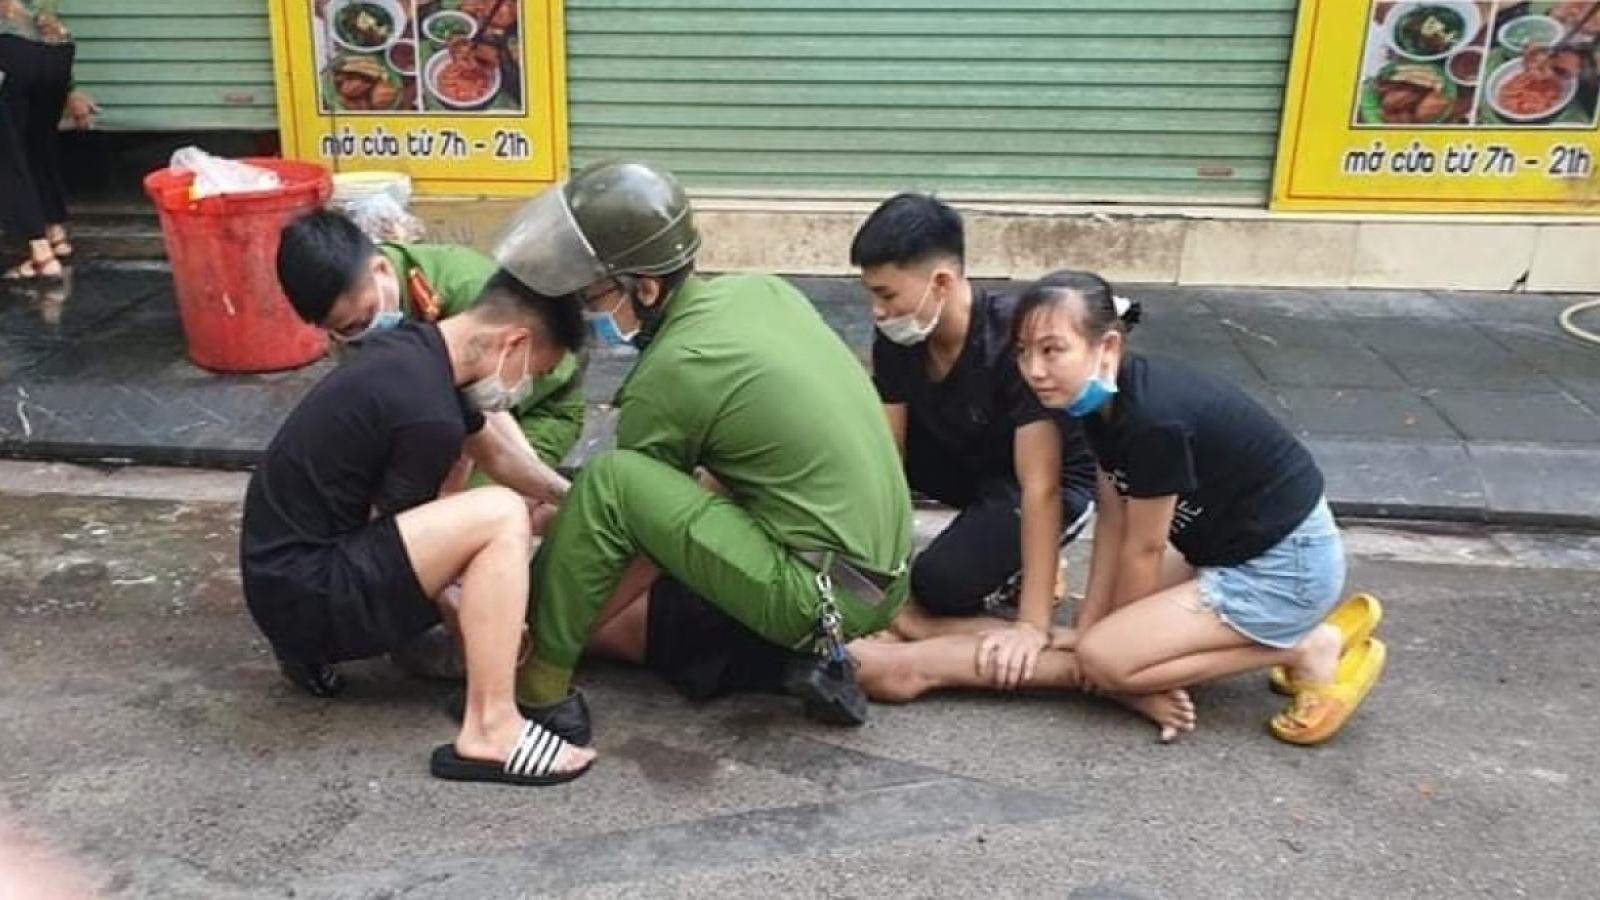 Nóng 24h: Khống chế nam thanh niên chặn ô tô xin tiền, dọa giết người đi đường